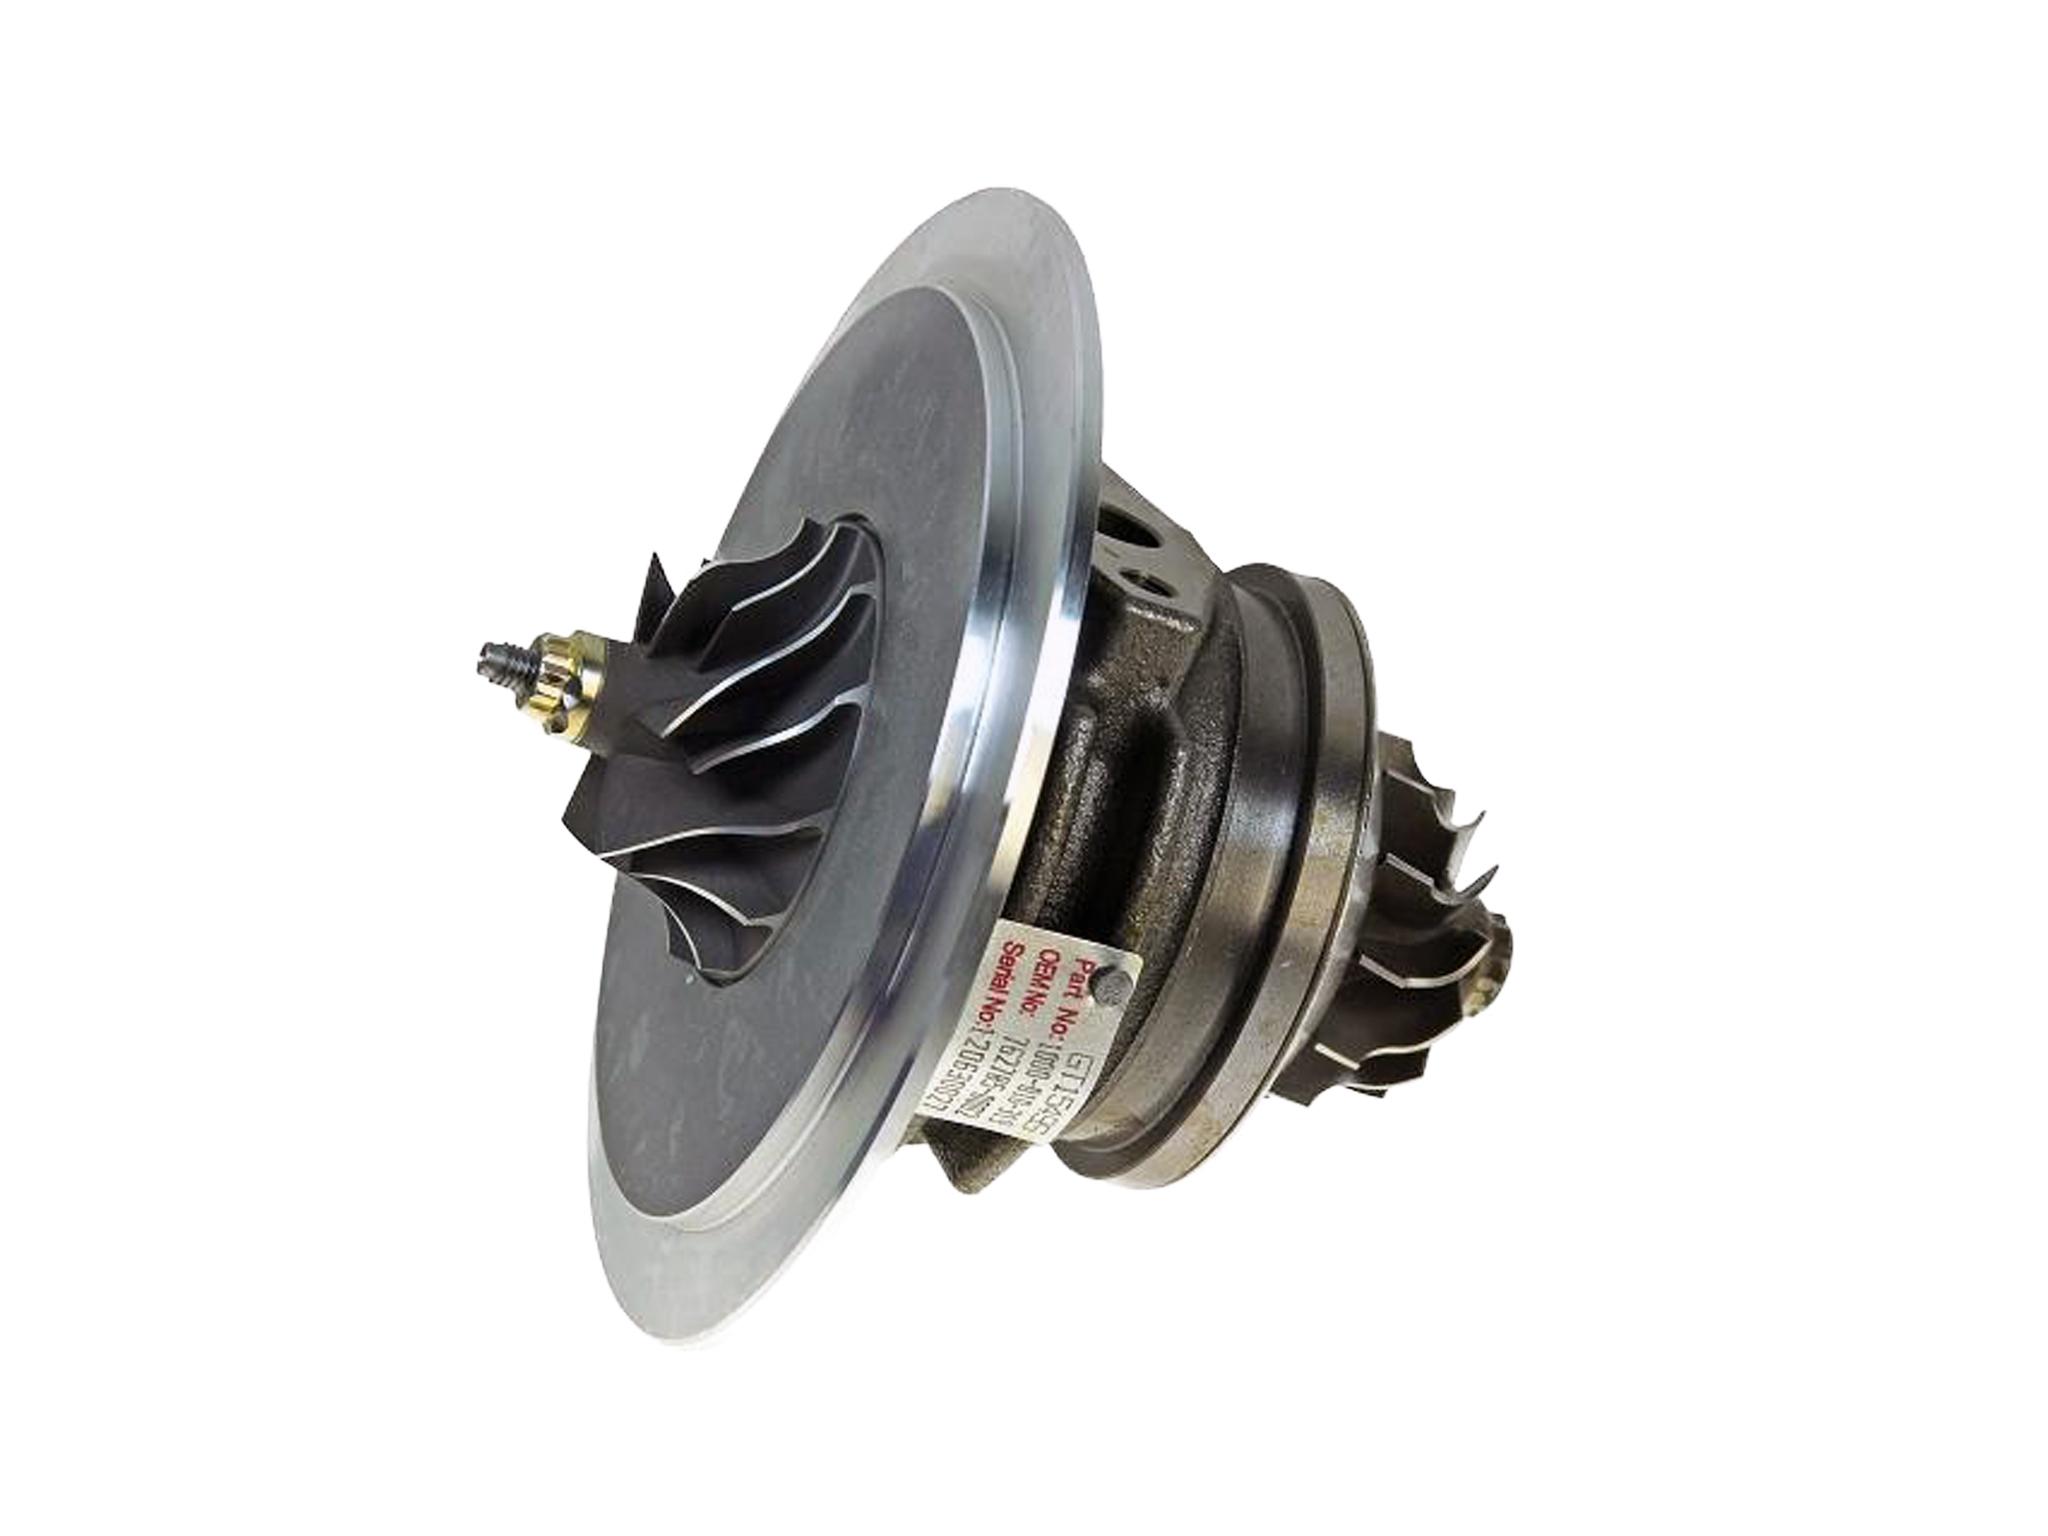 Картридж турбины GT1549S Опель Виваро 2.0 CDTI 90 / 114 л.с.